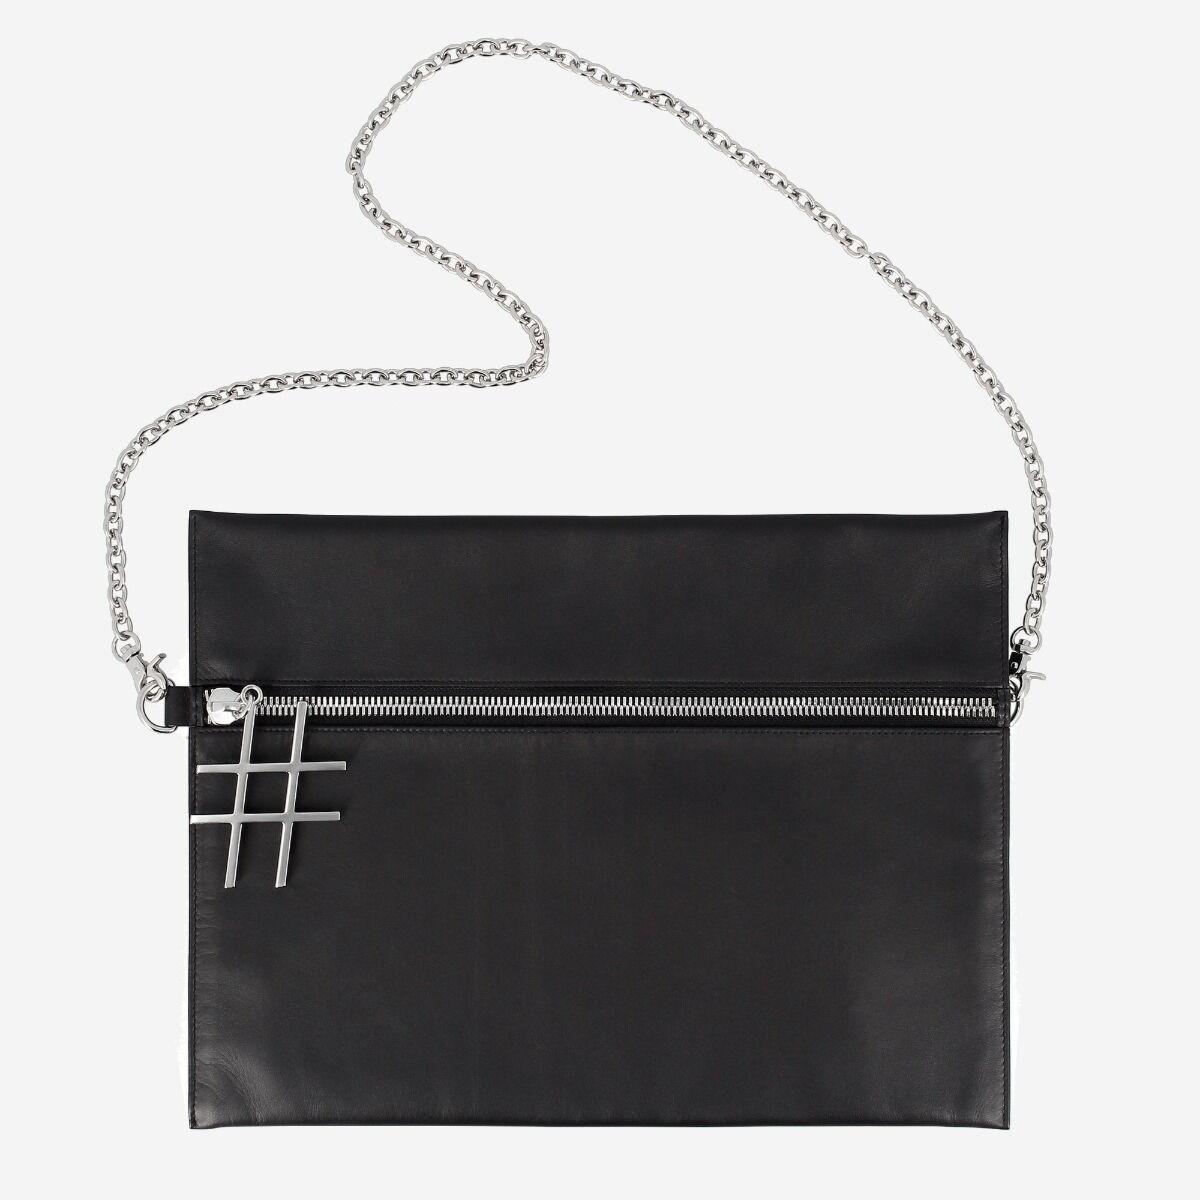 borsa nera a tracolla con catena